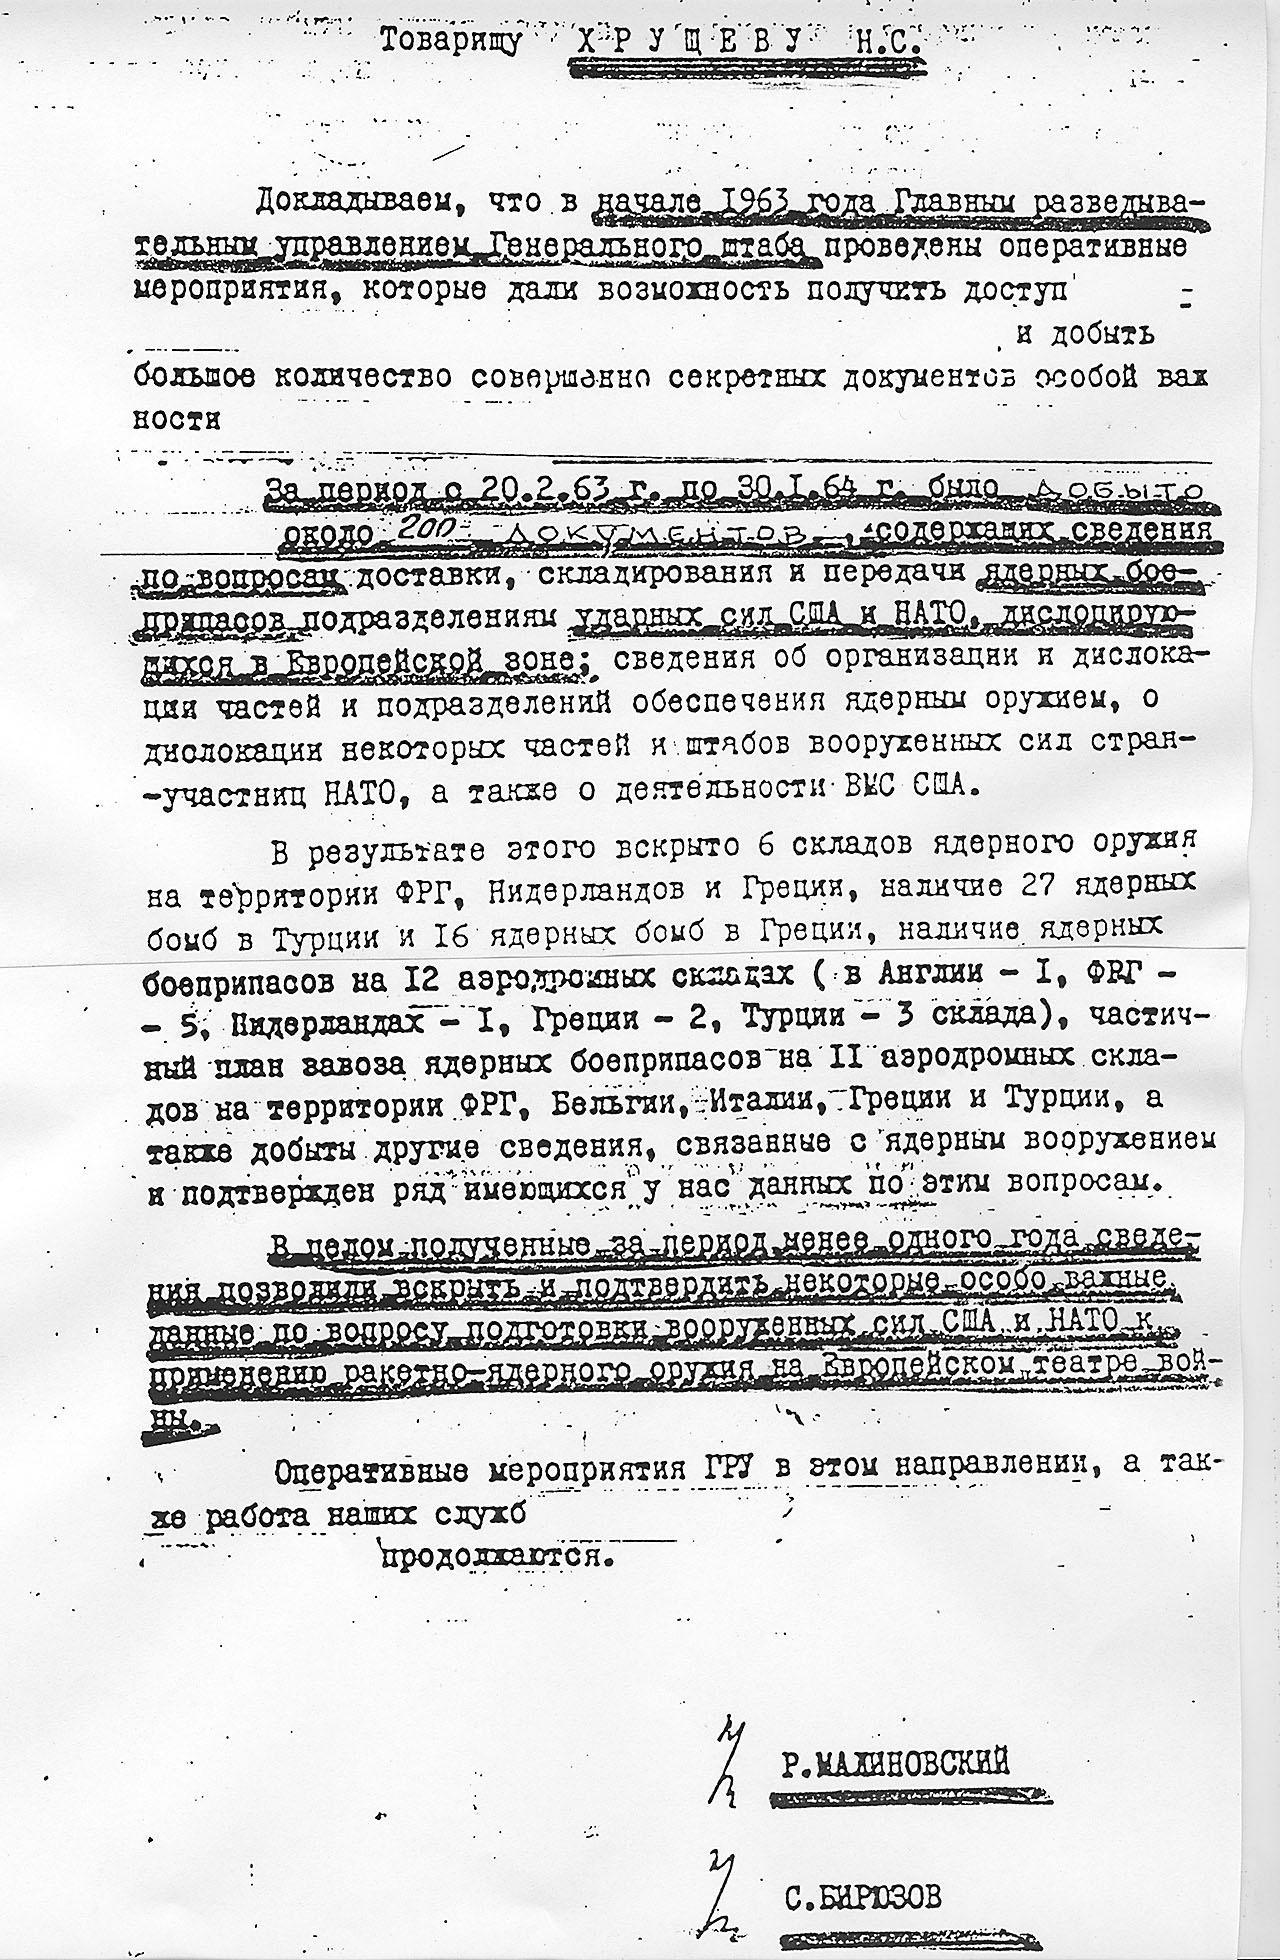 Служебная записка, которая хранится в архиве ГРУ.